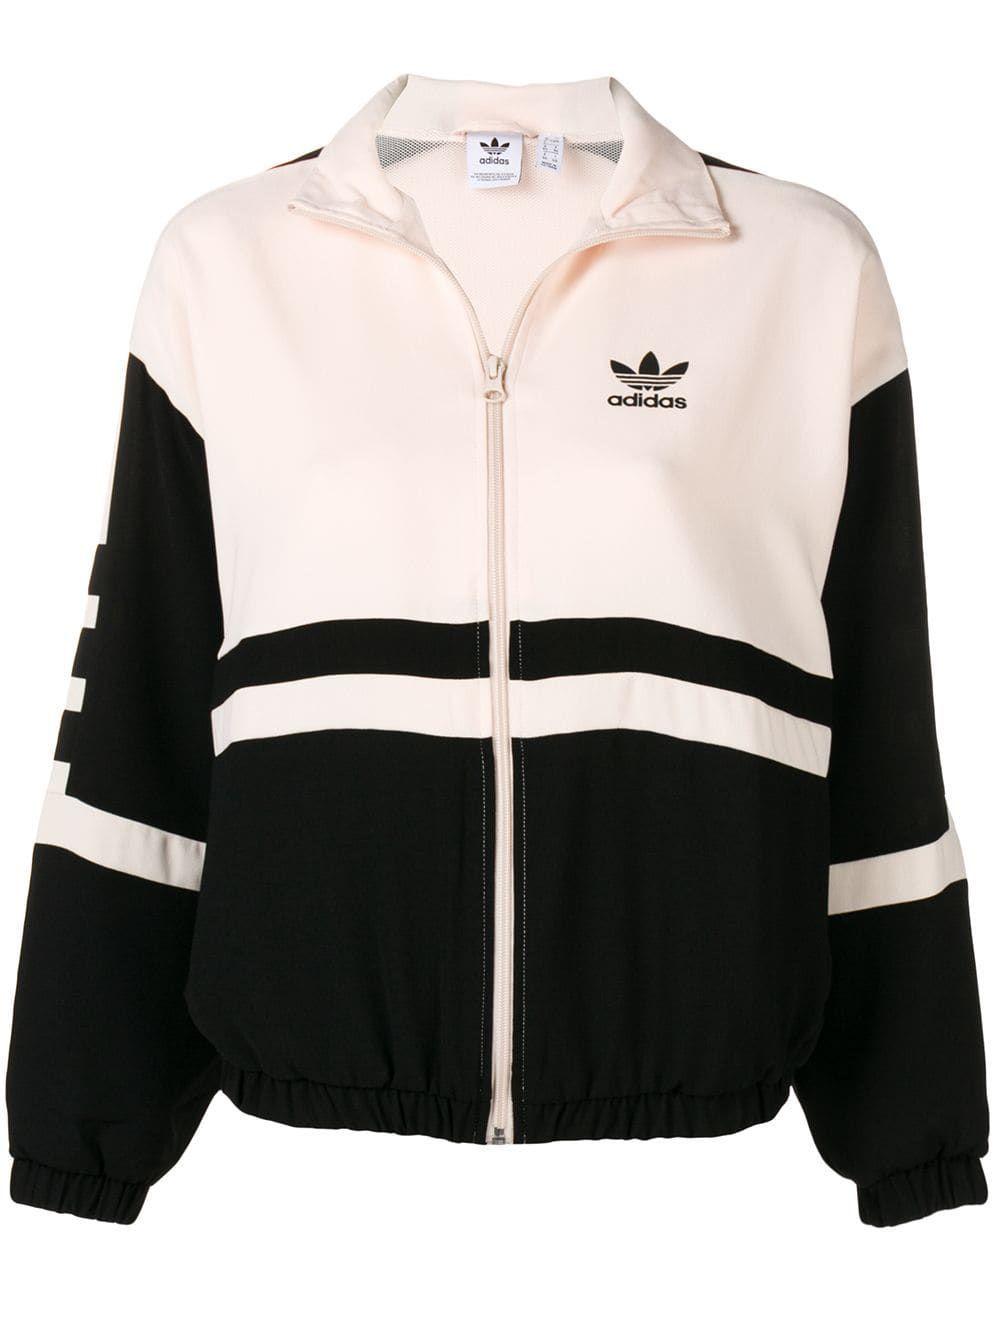 Comunismo Mandíbula de la muerte Intestinos  Adidas Logo en dos tonos de la Chaqueta | Adidas hoodie women, Adidas  jacket women, White adidas jacket